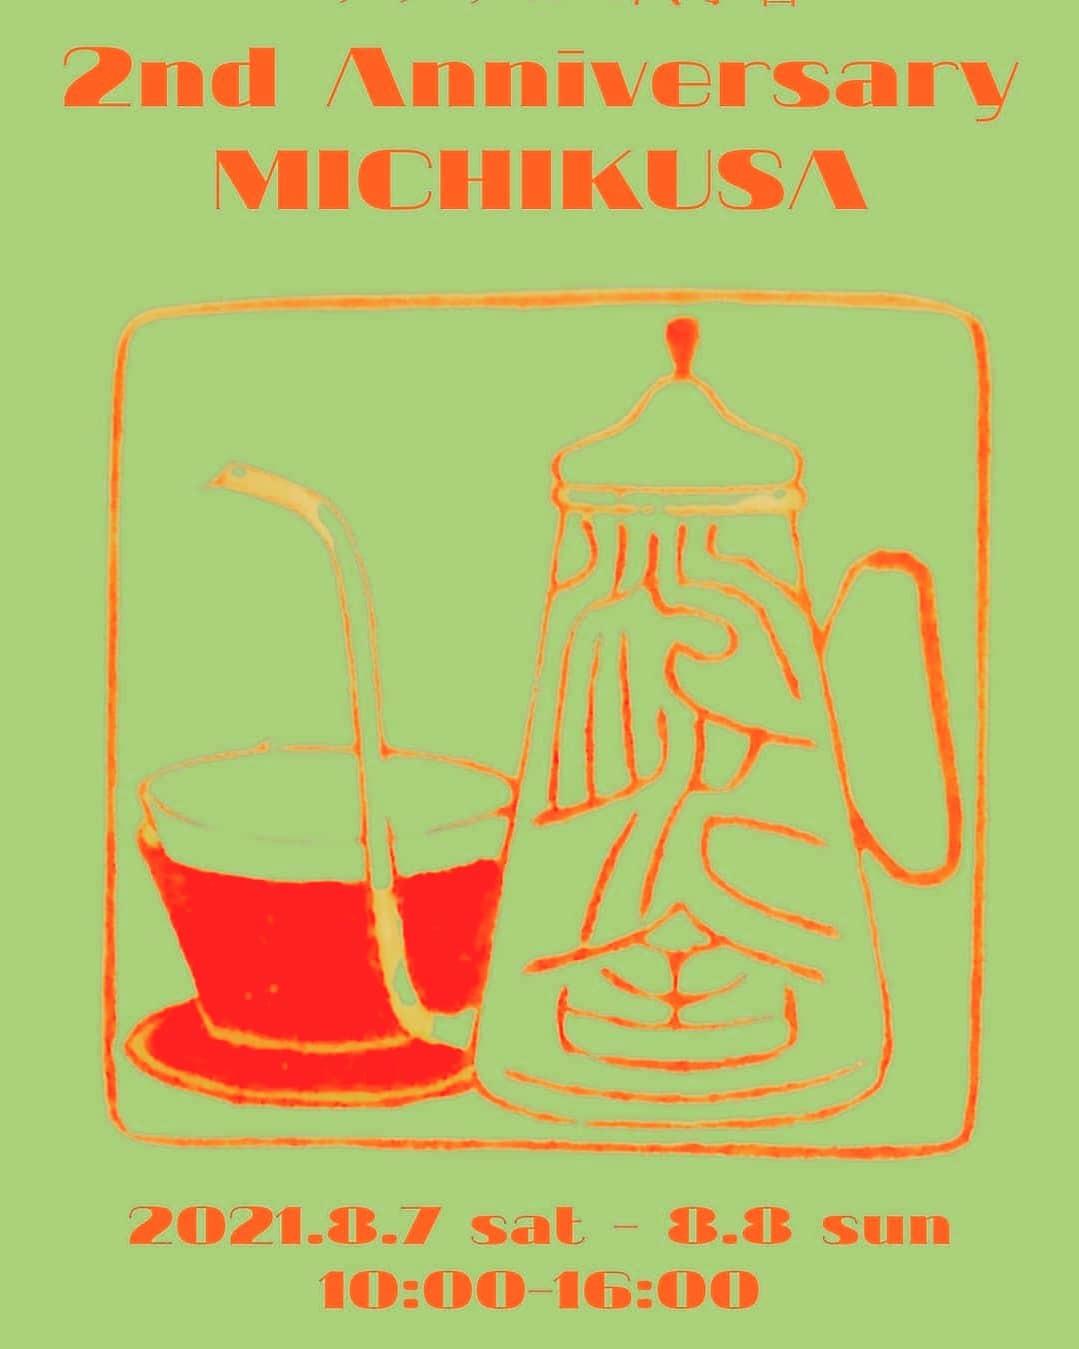 ミチクサcafe汽水舎さんの2周年イベント〜お願い〜_e0186725_14581873.jpg